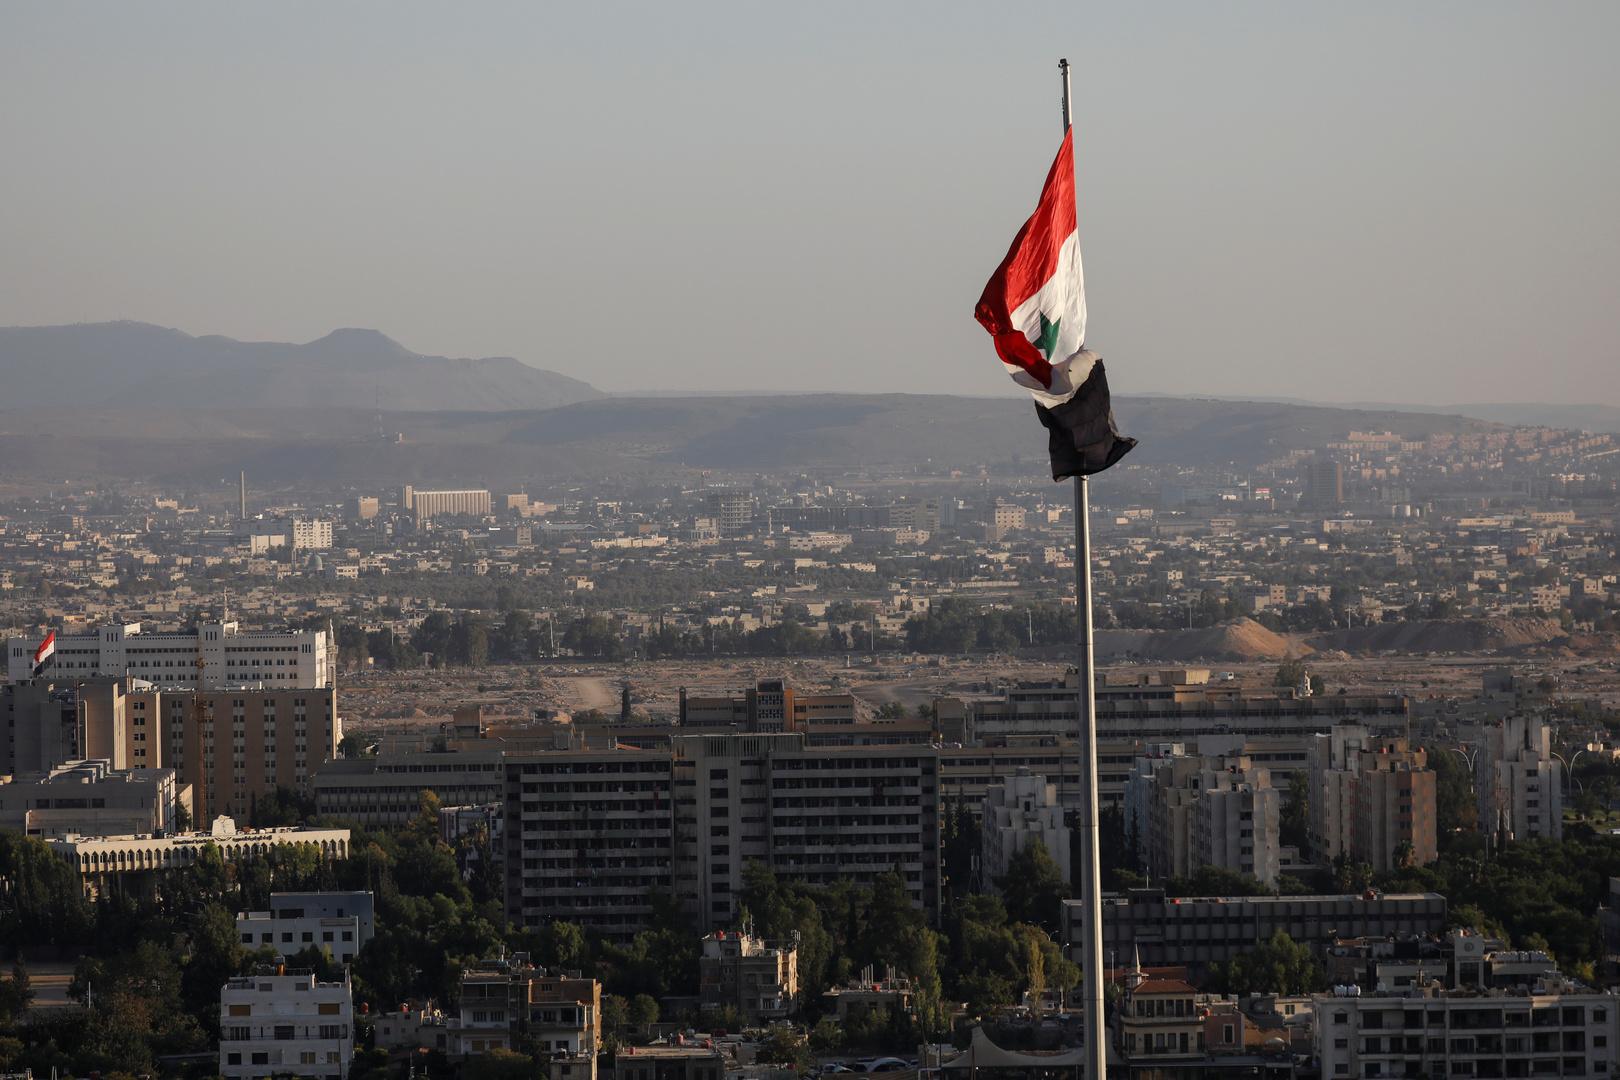 رئيس الوزراء السوري يزور محافظة درعا على رأس وفد حكومي (صور)